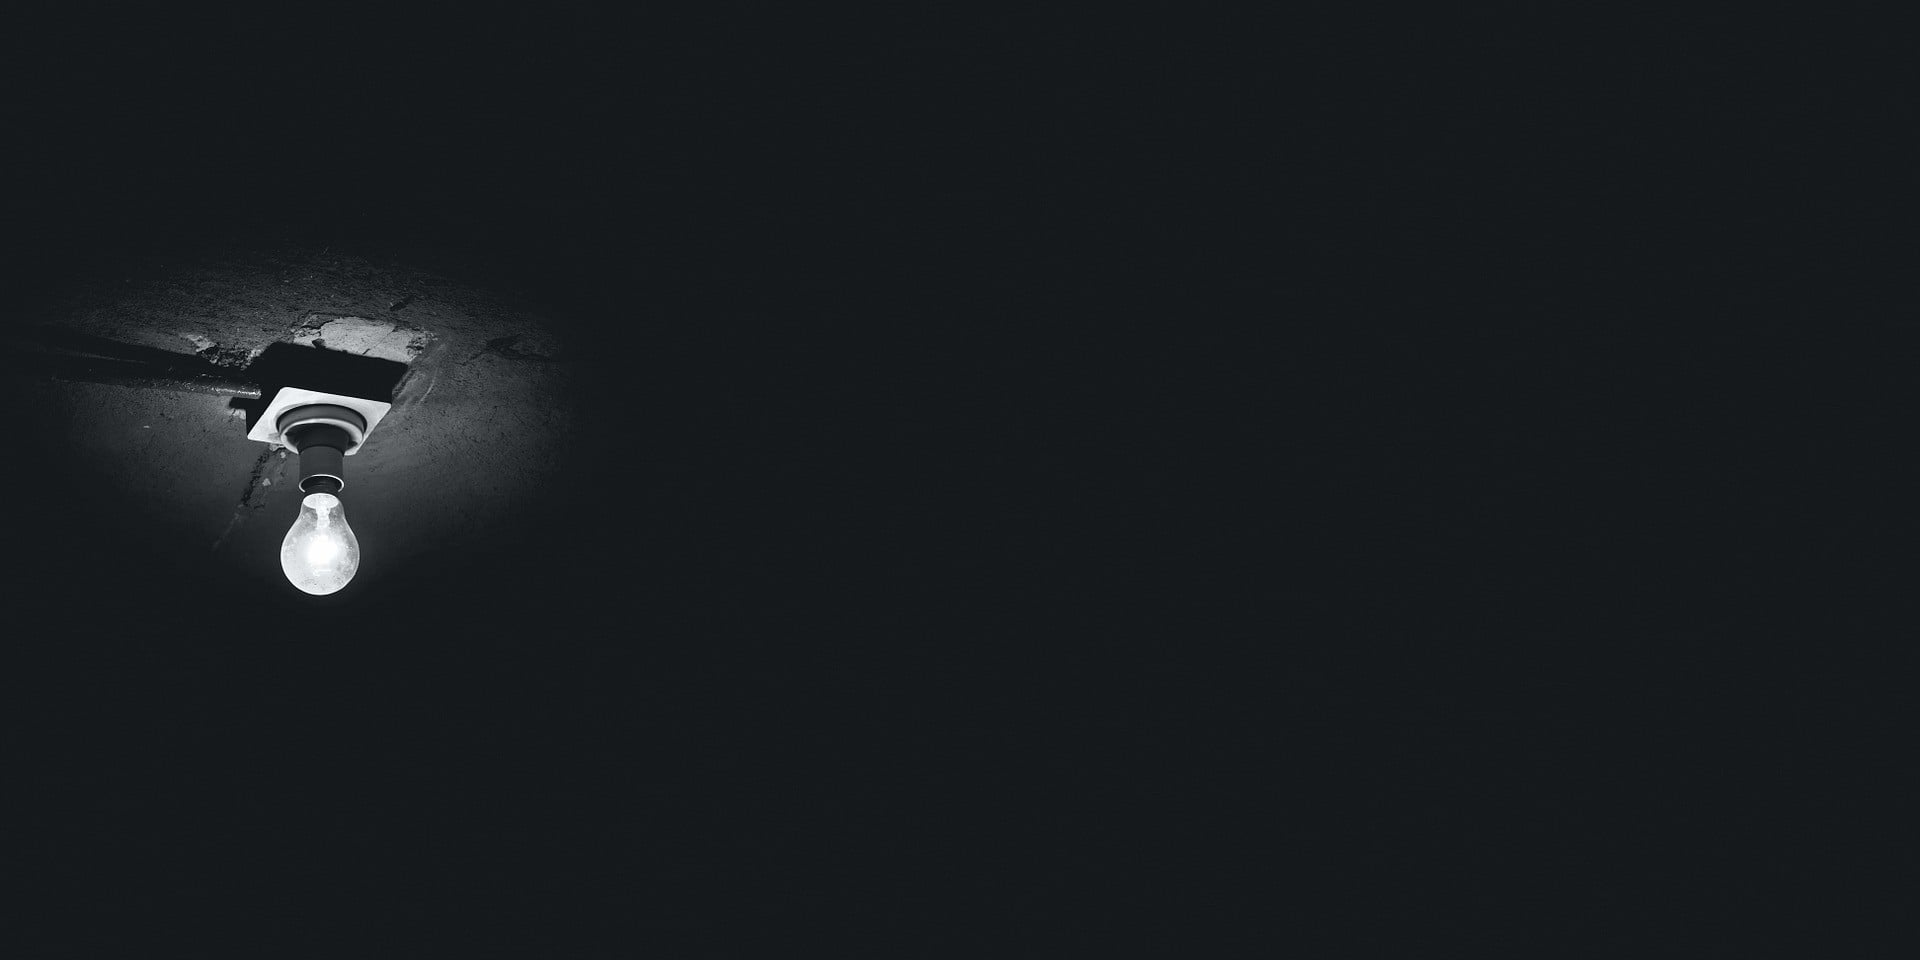 dark room 1 at omgloh.com